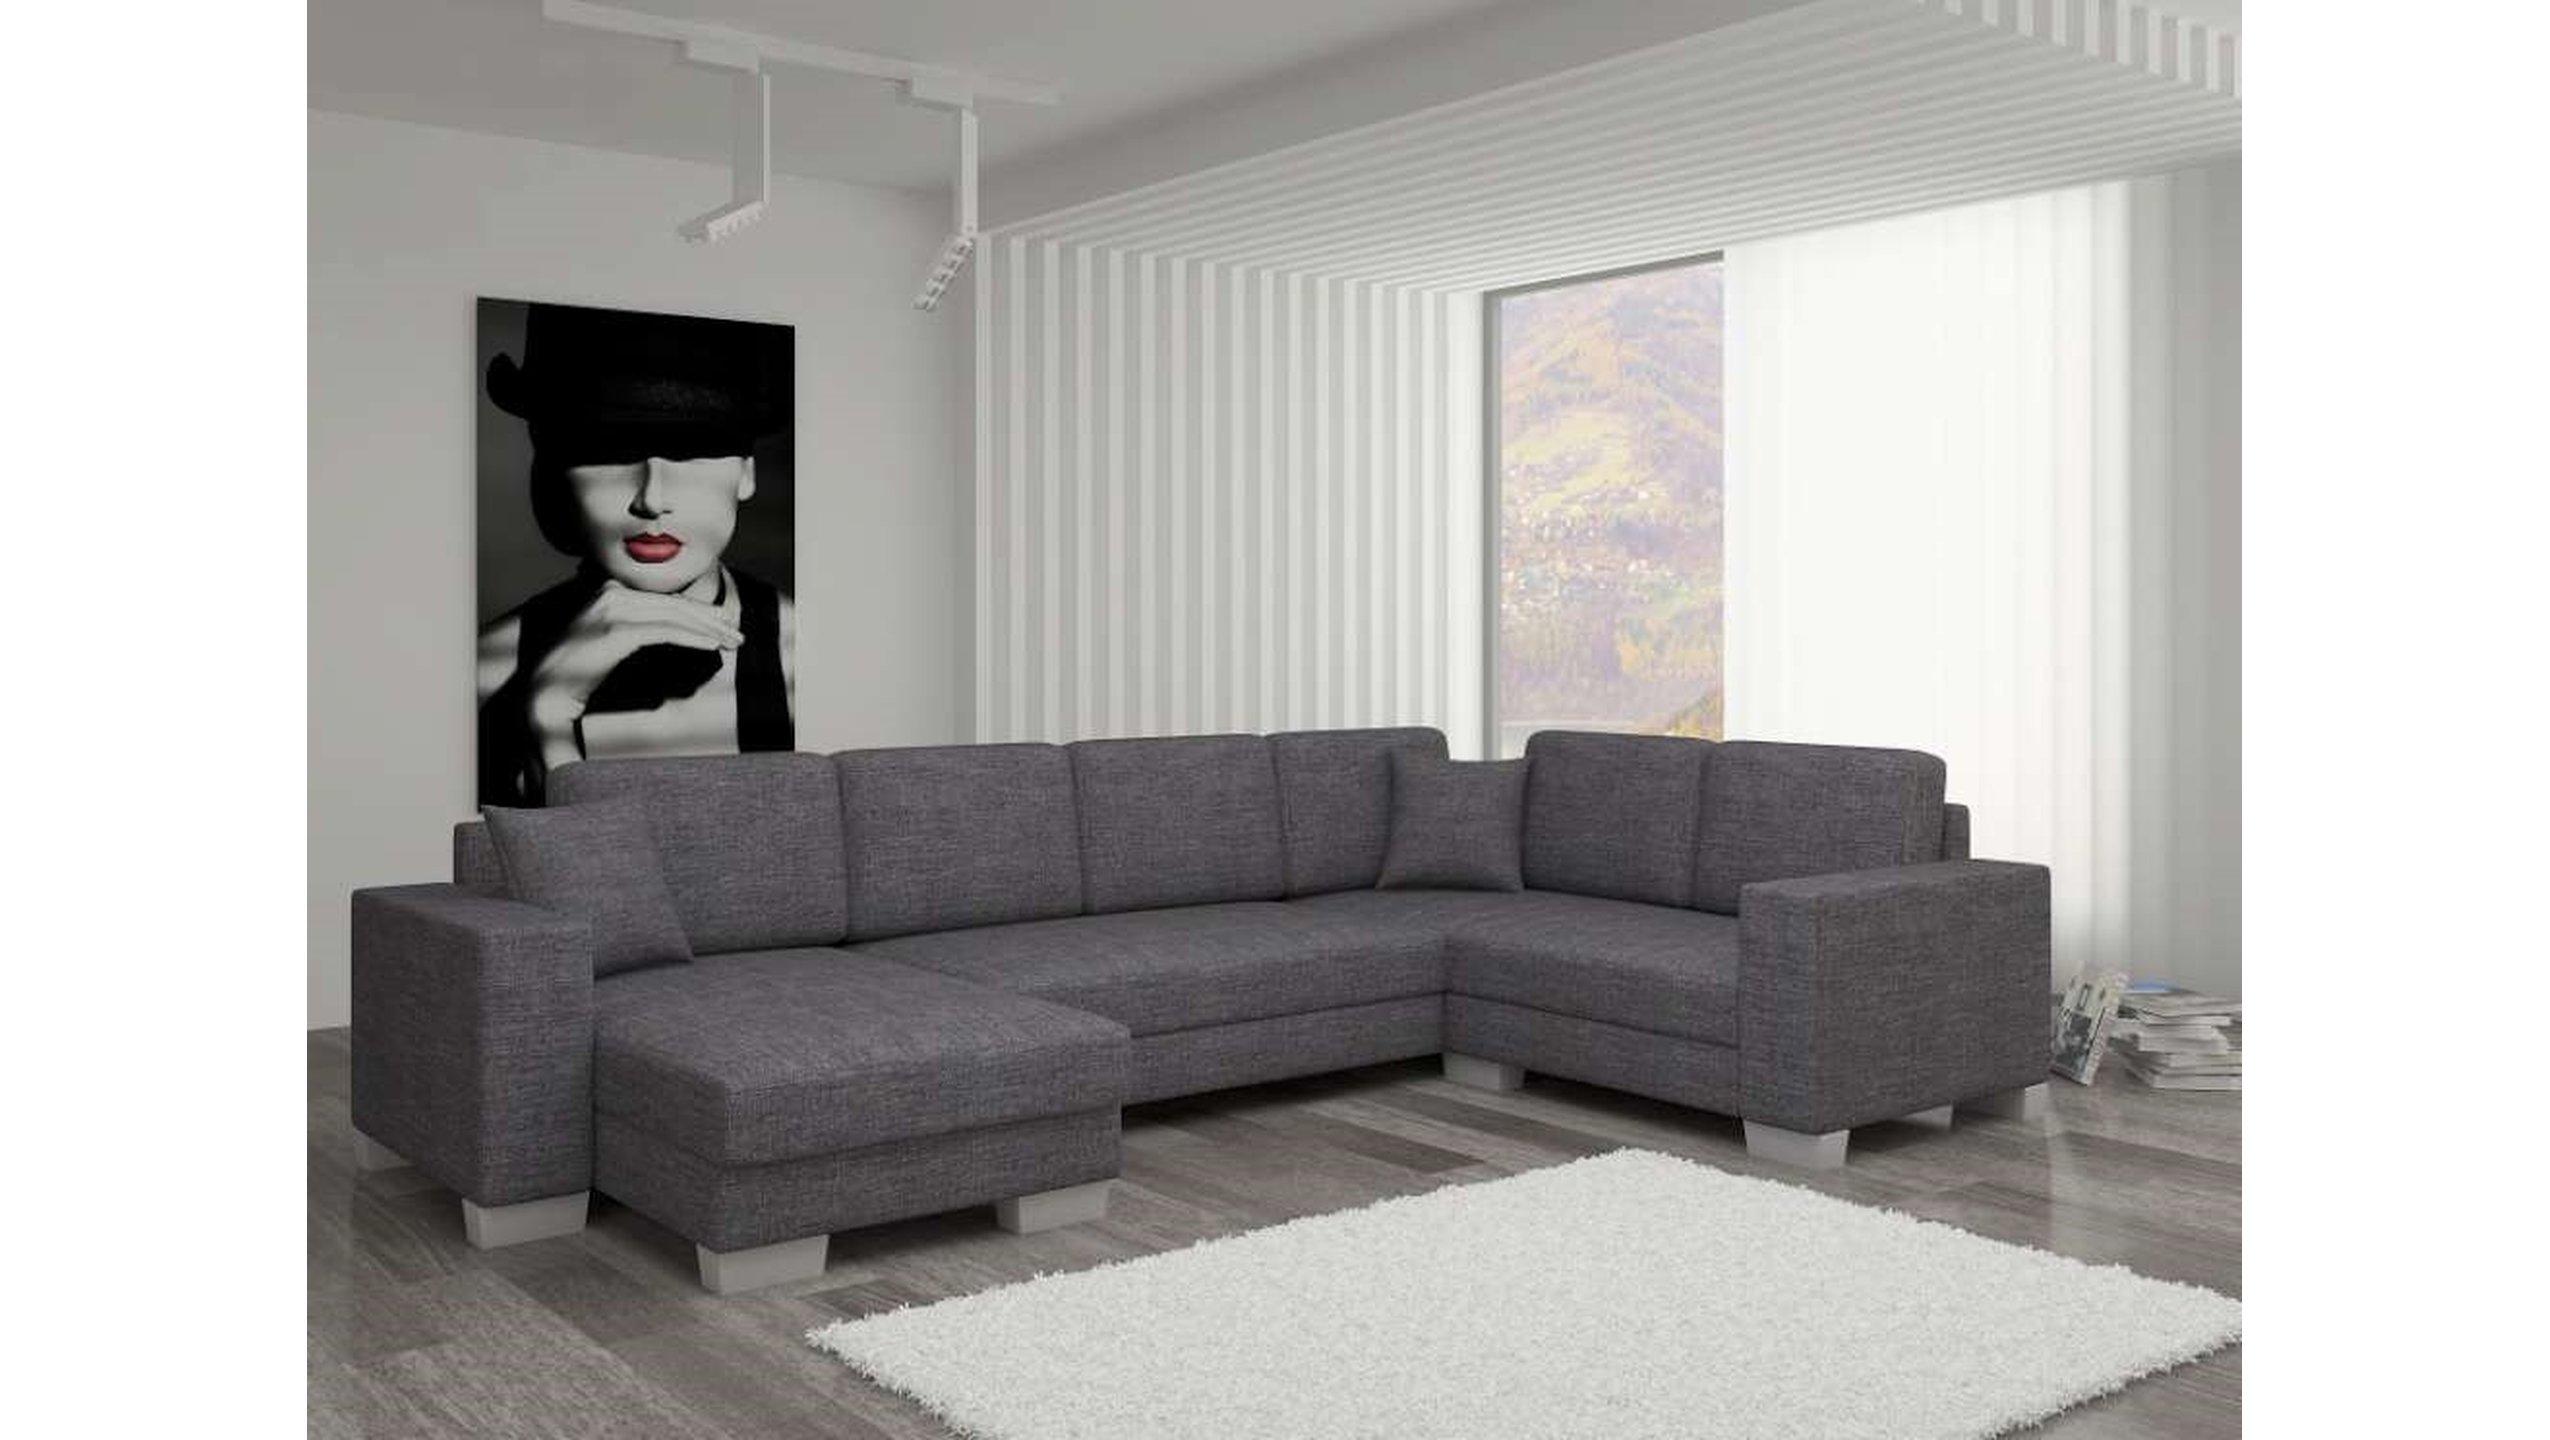 divano ad angolo con penisola in tessuto grigio scuro e tappeto bianco.